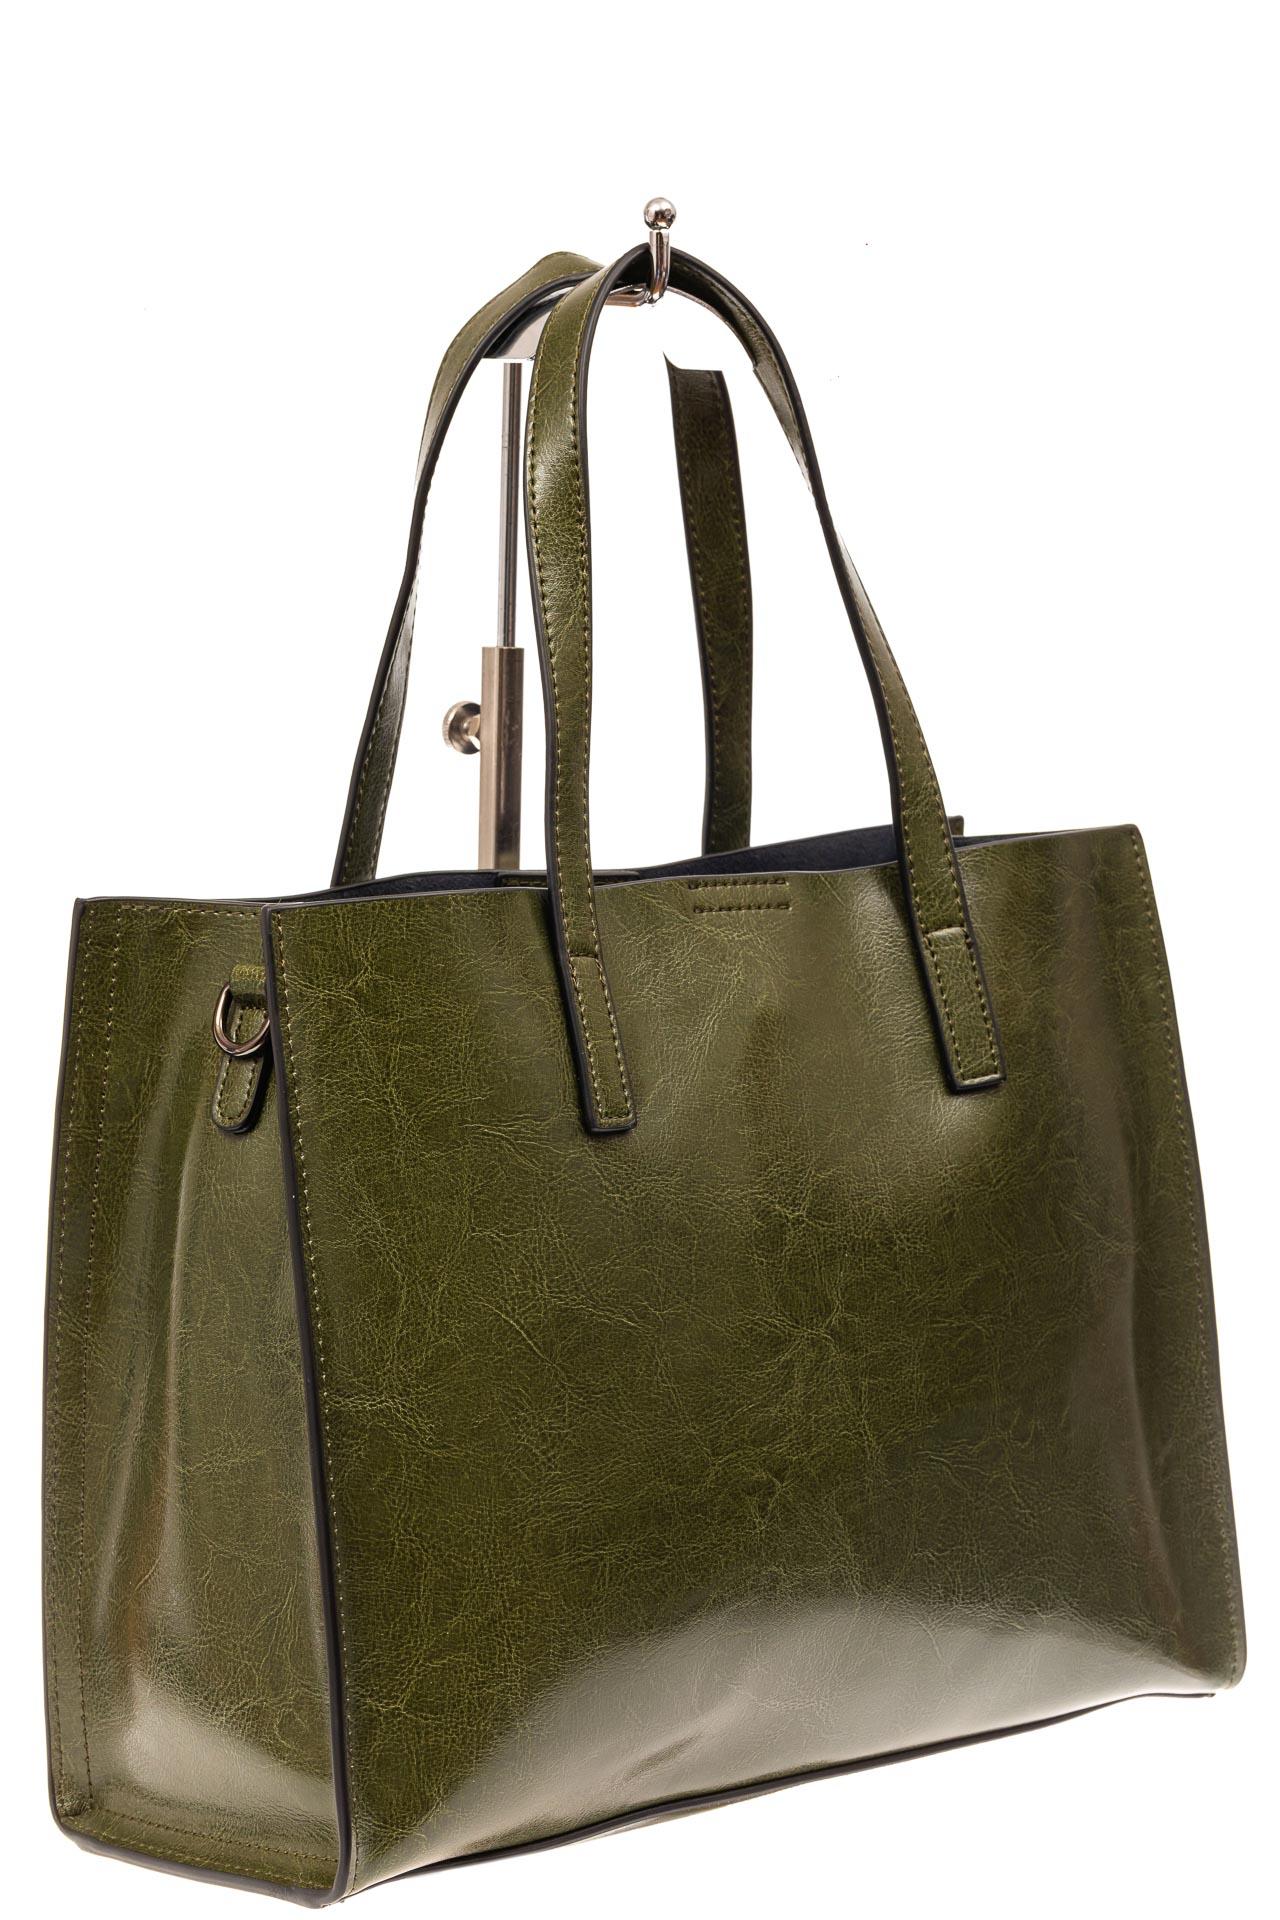 Женская сумка тоут из натуральной кожи, цвет шоколадный910NK0520/6